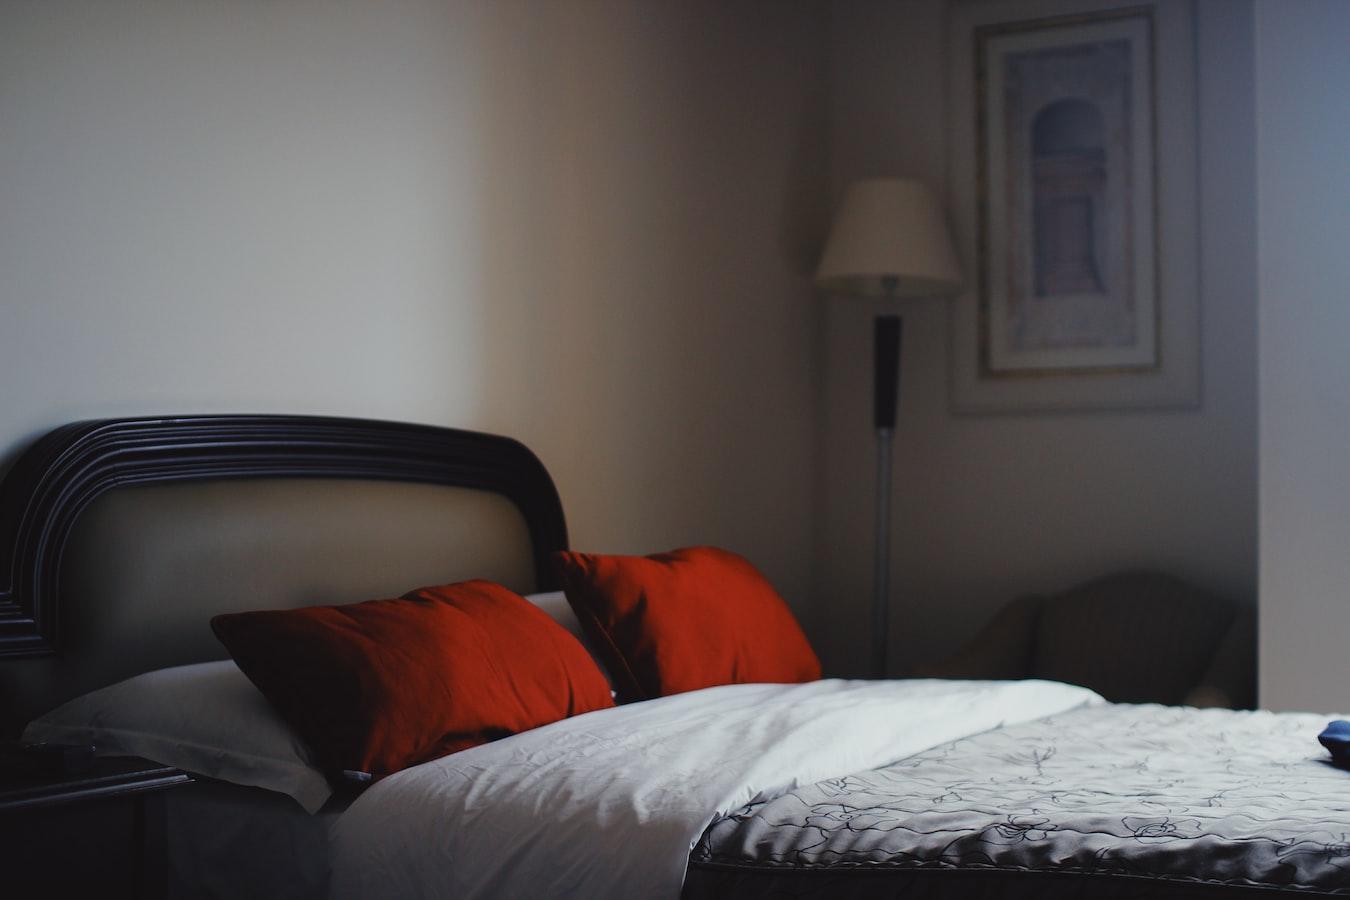 イニシエーションラブ ホテルのベッド